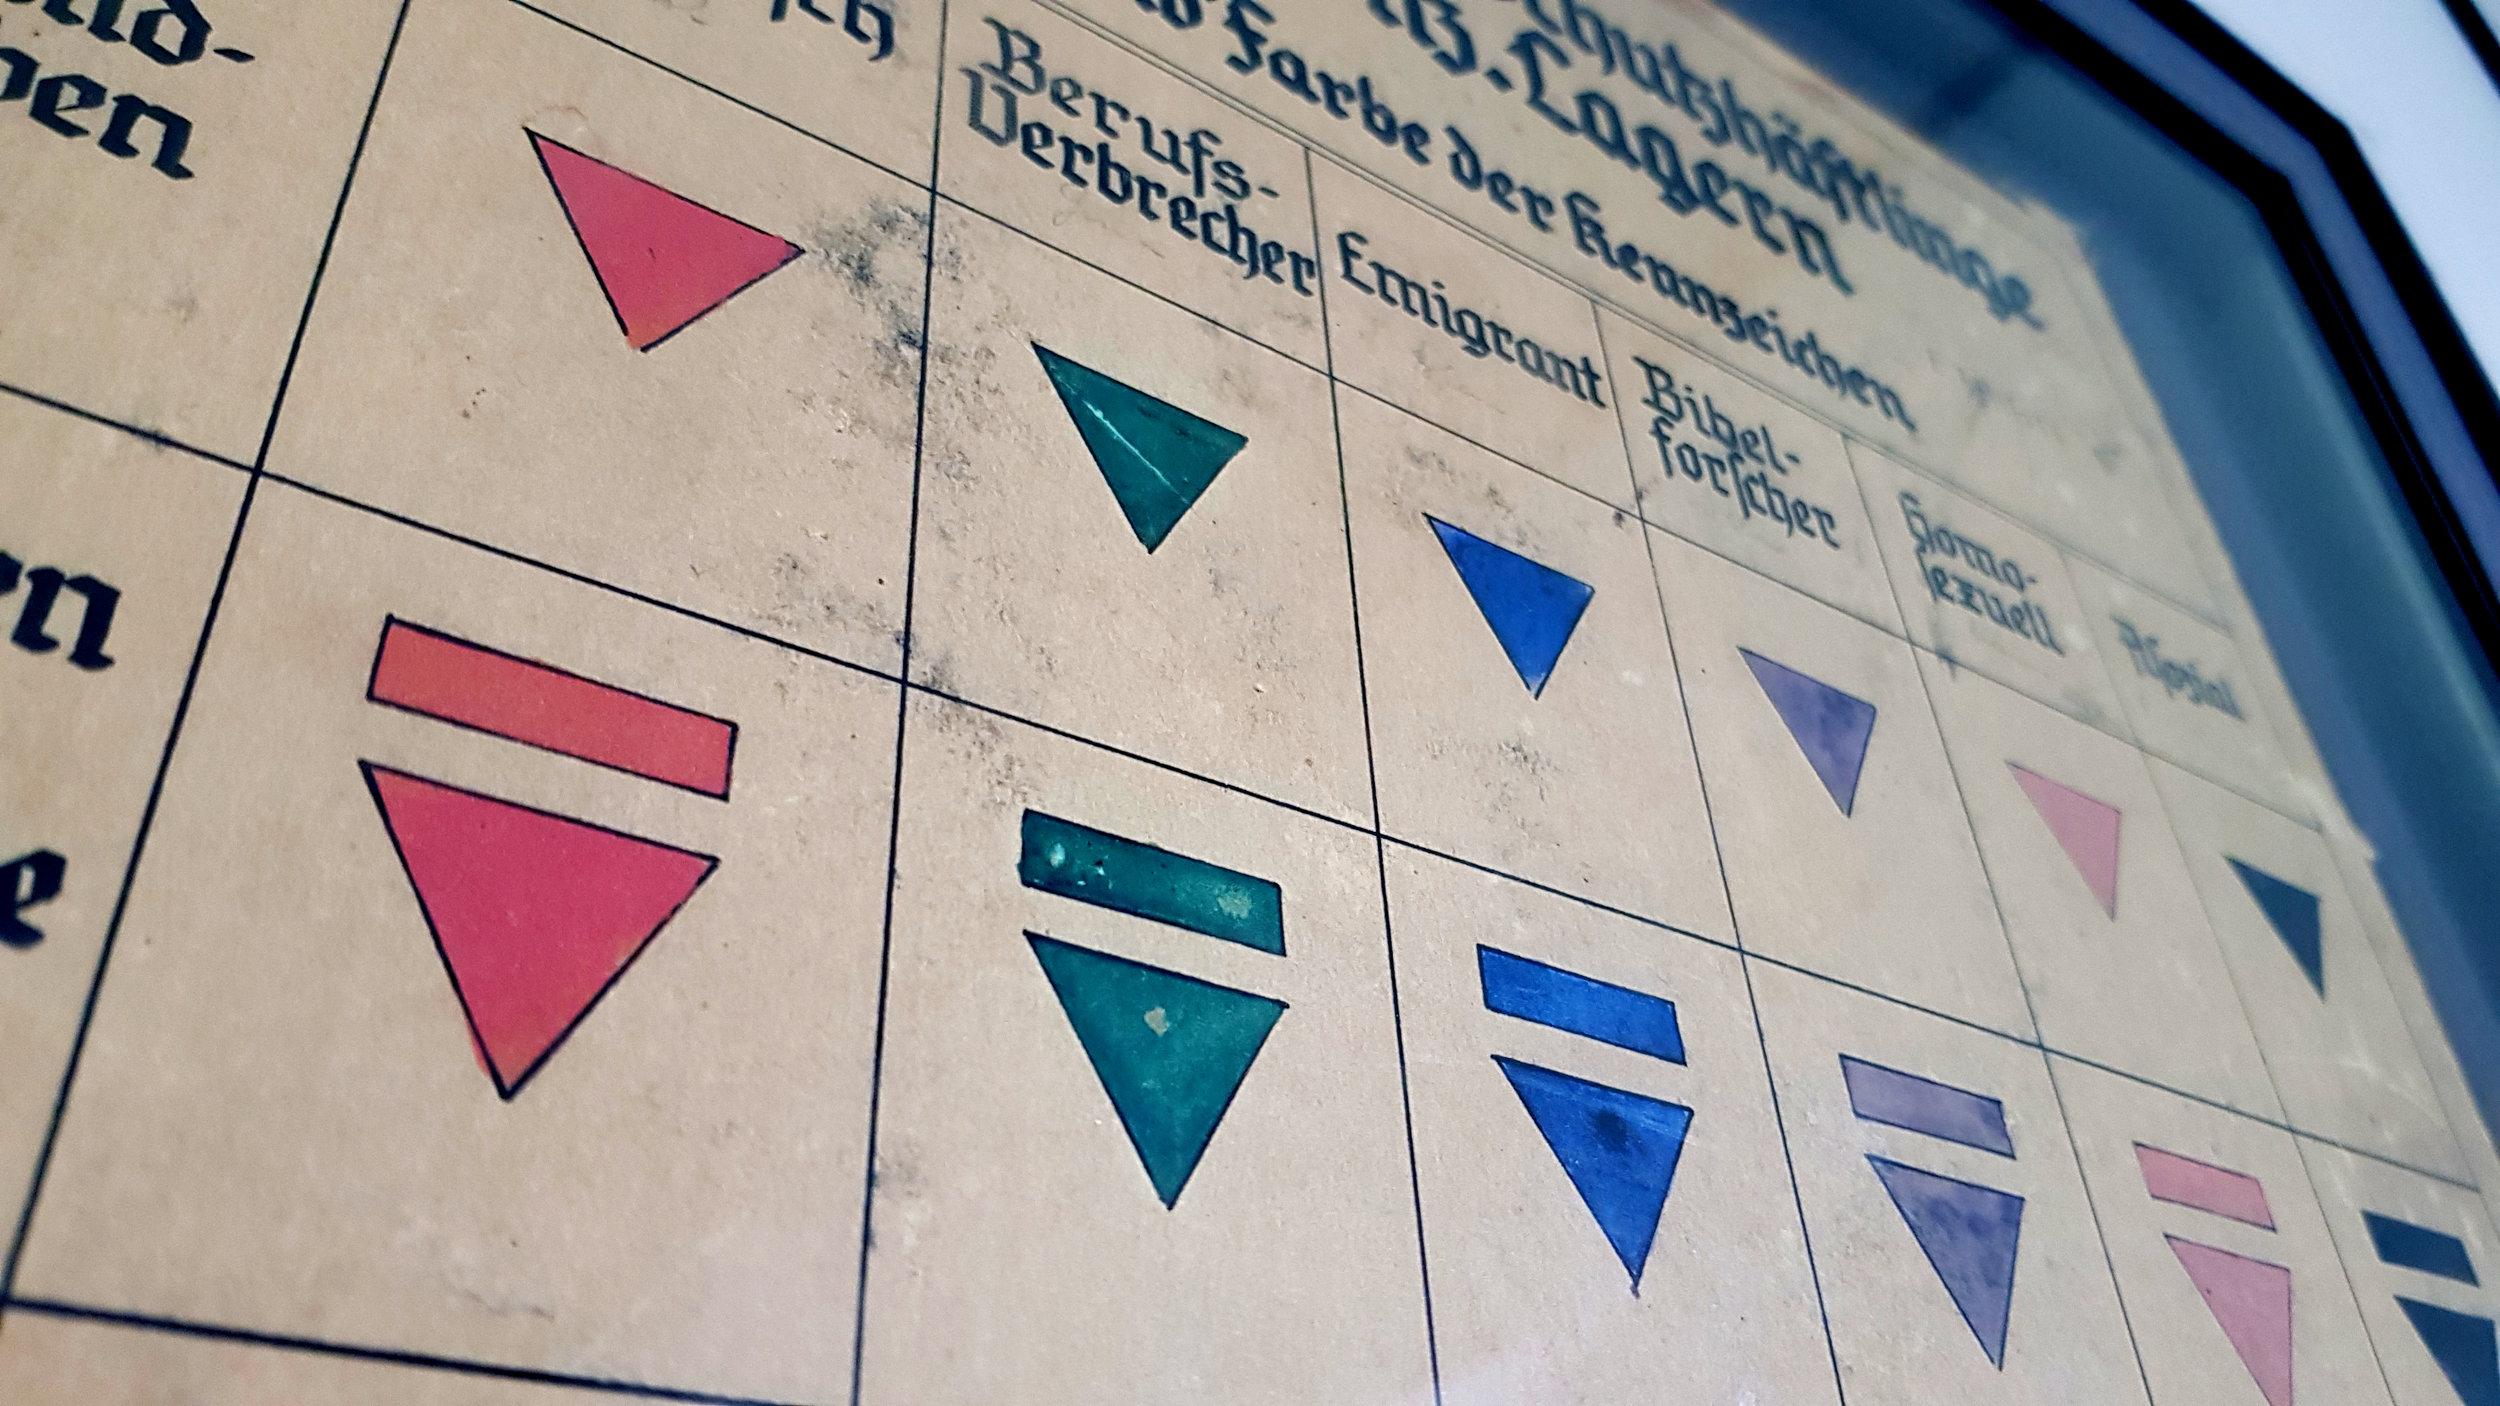 Dachau ID badges